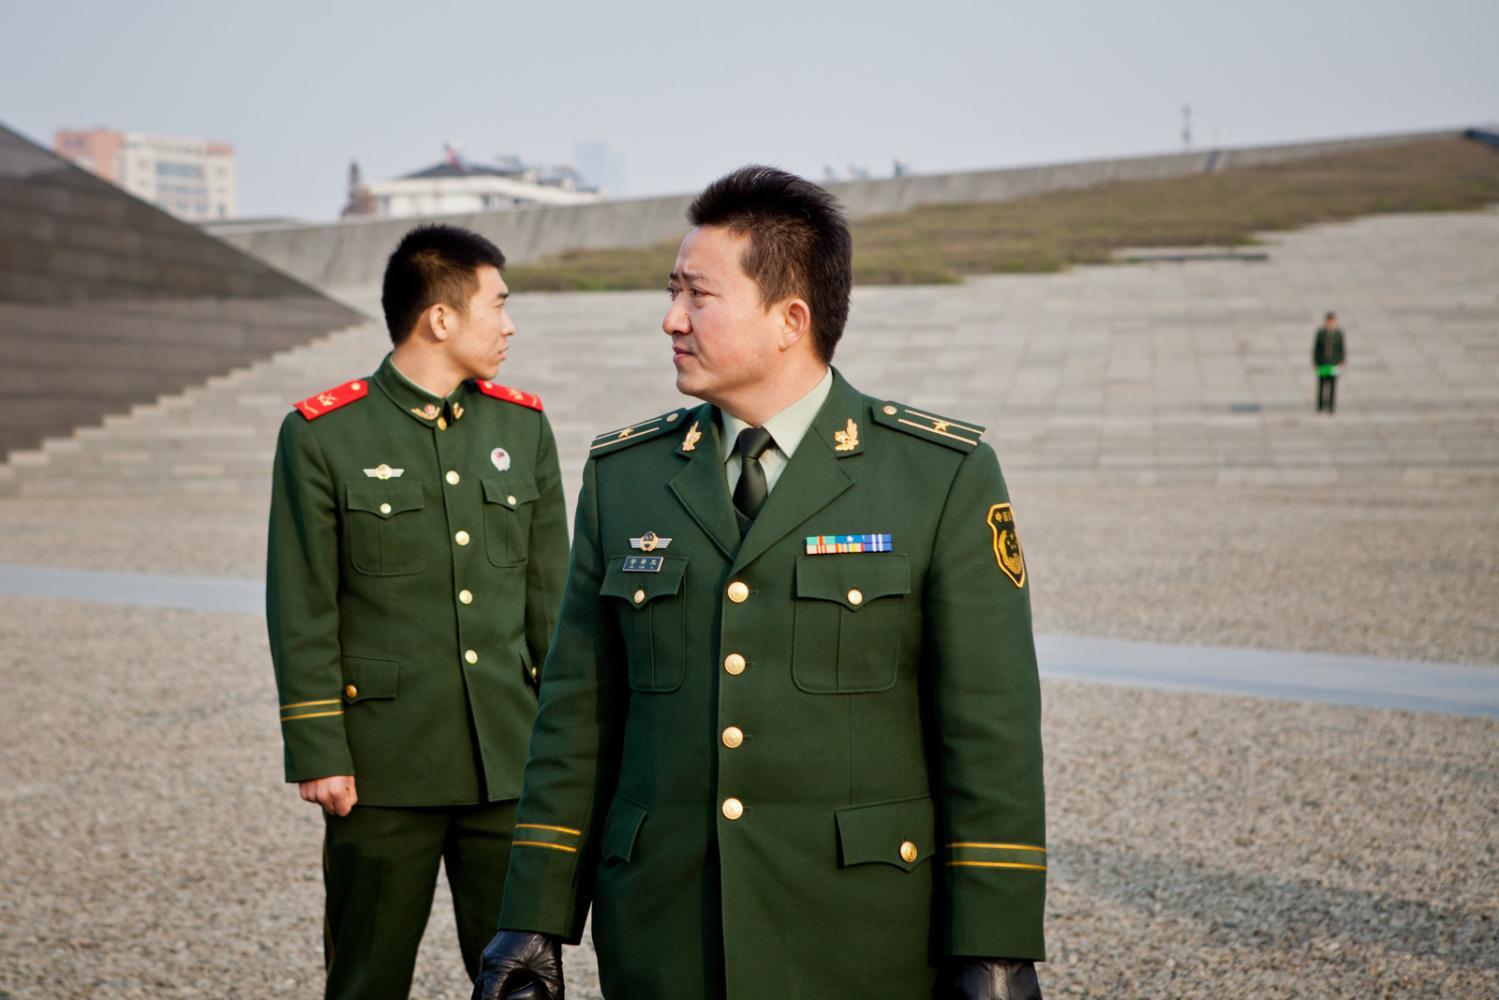 Guards at Nanjing's Massacre Memorial